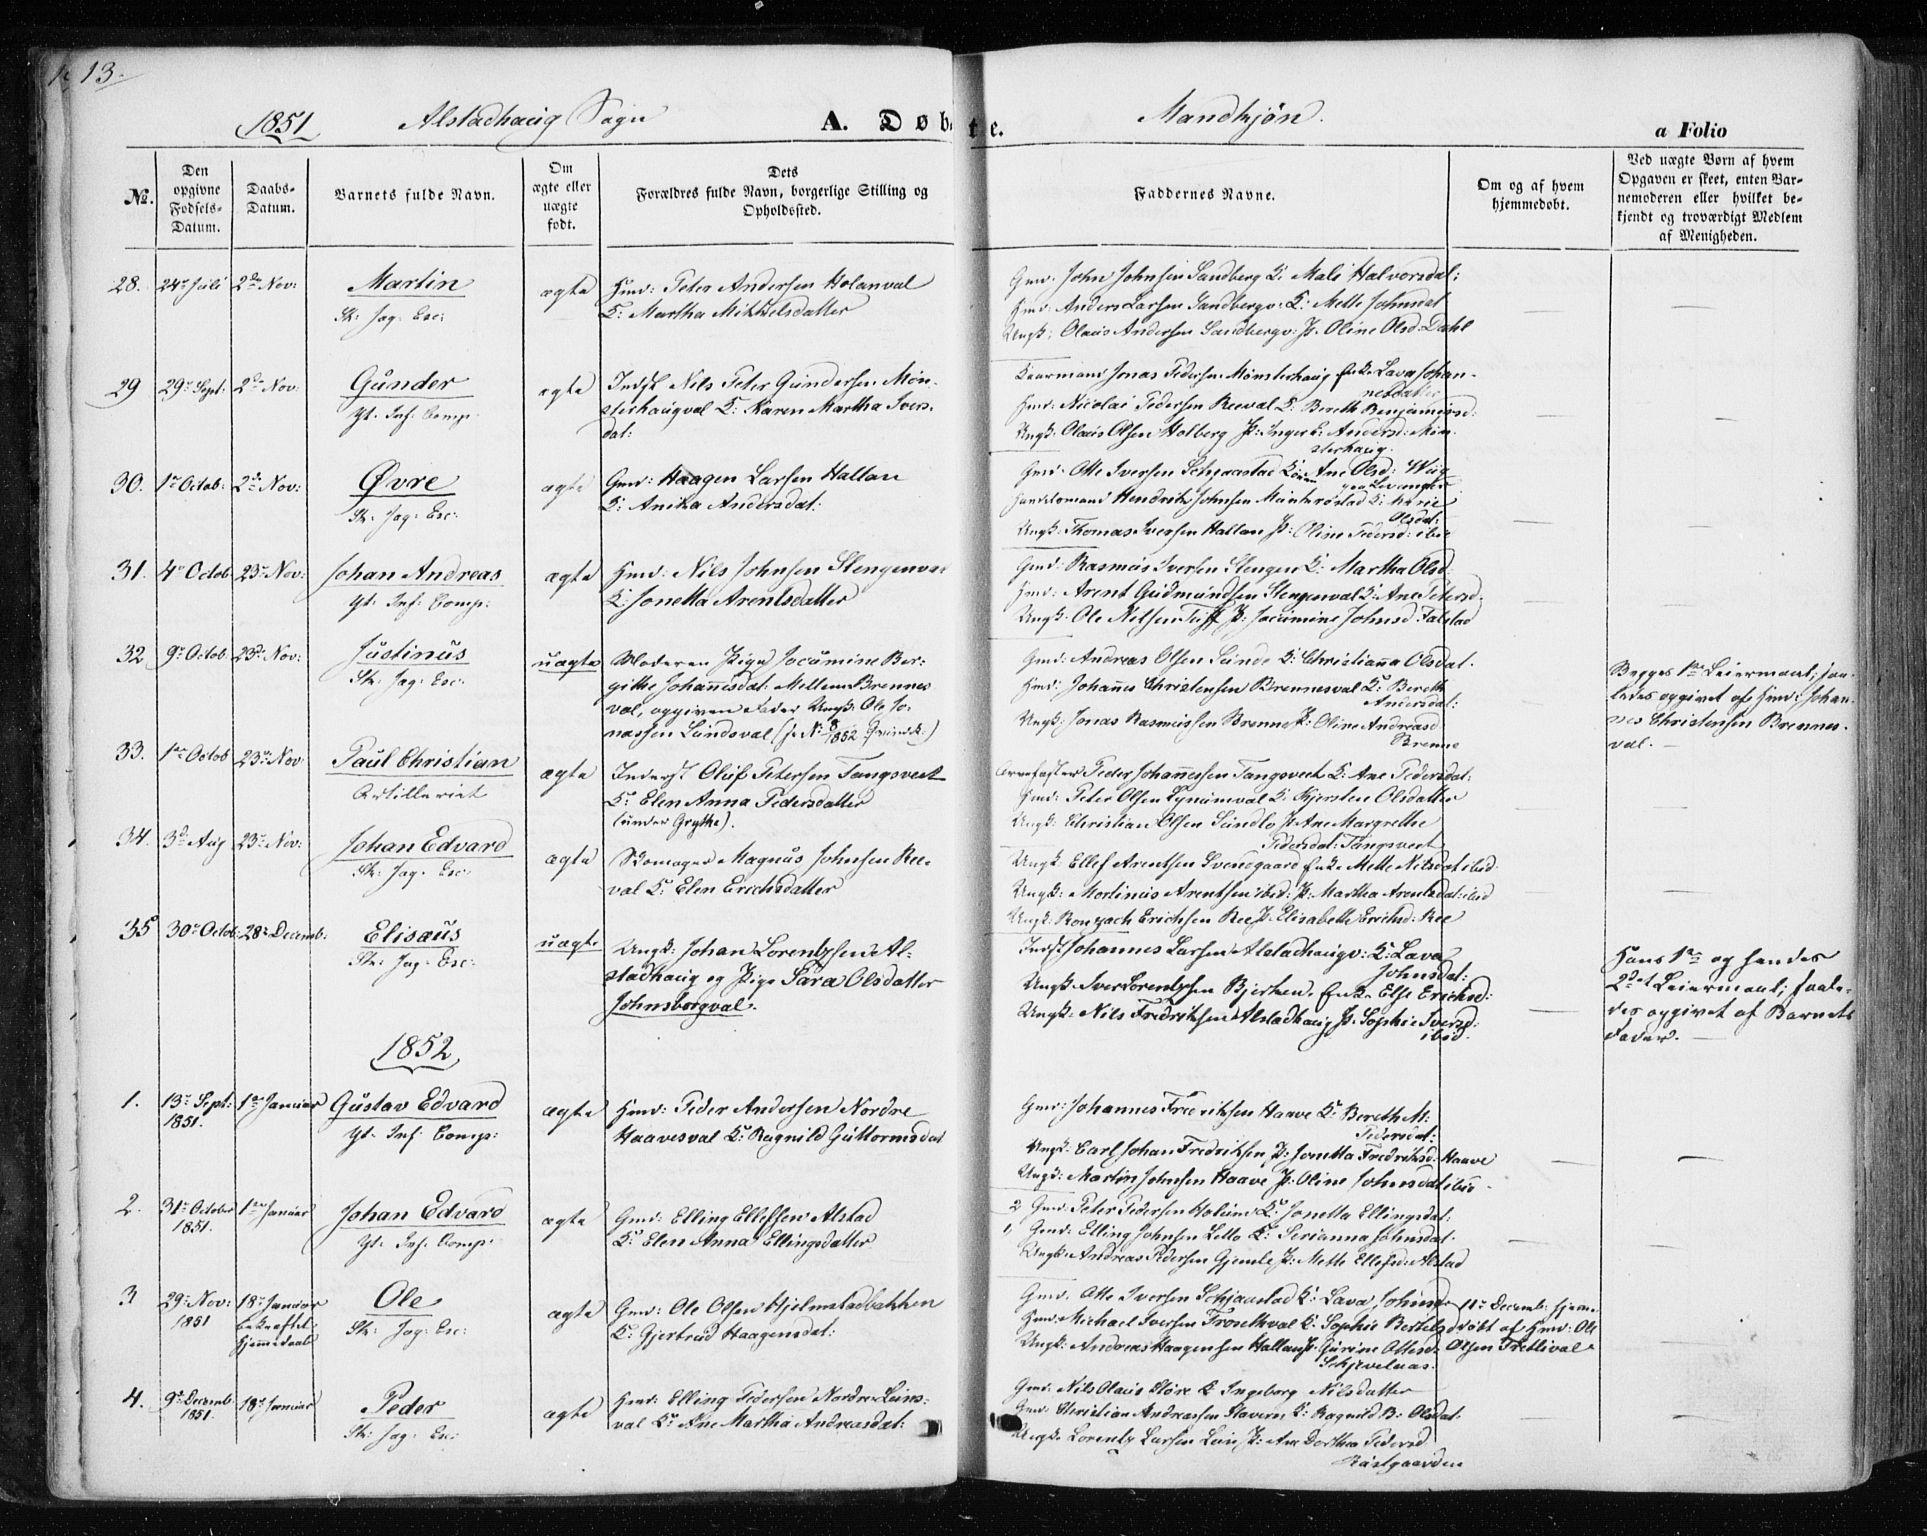 SAT, Ministerialprotokoller, klokkerbøker og fødselsregistre - Nord-Trøndelag, 717/L0154: Ministerialbok nr. 717A07 /1, 1850-1862, s. 13